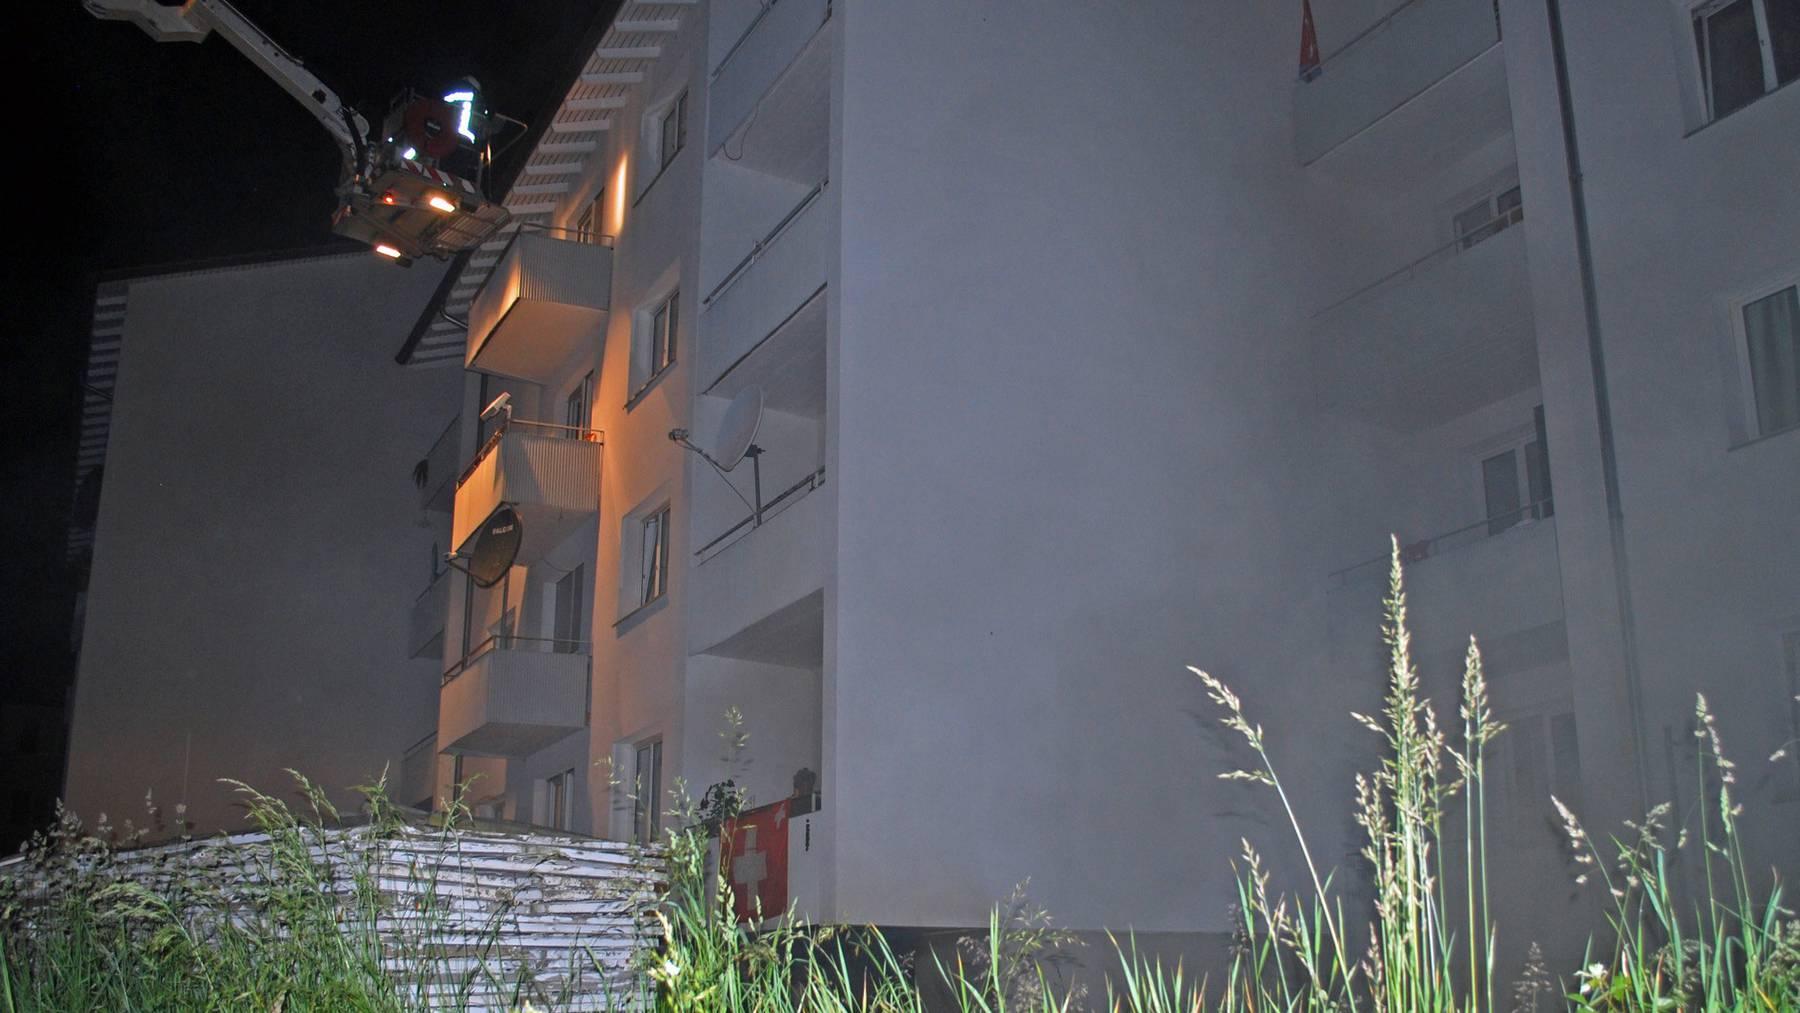 Emmenbrücke: 50 Personen nach Brand evakuiert